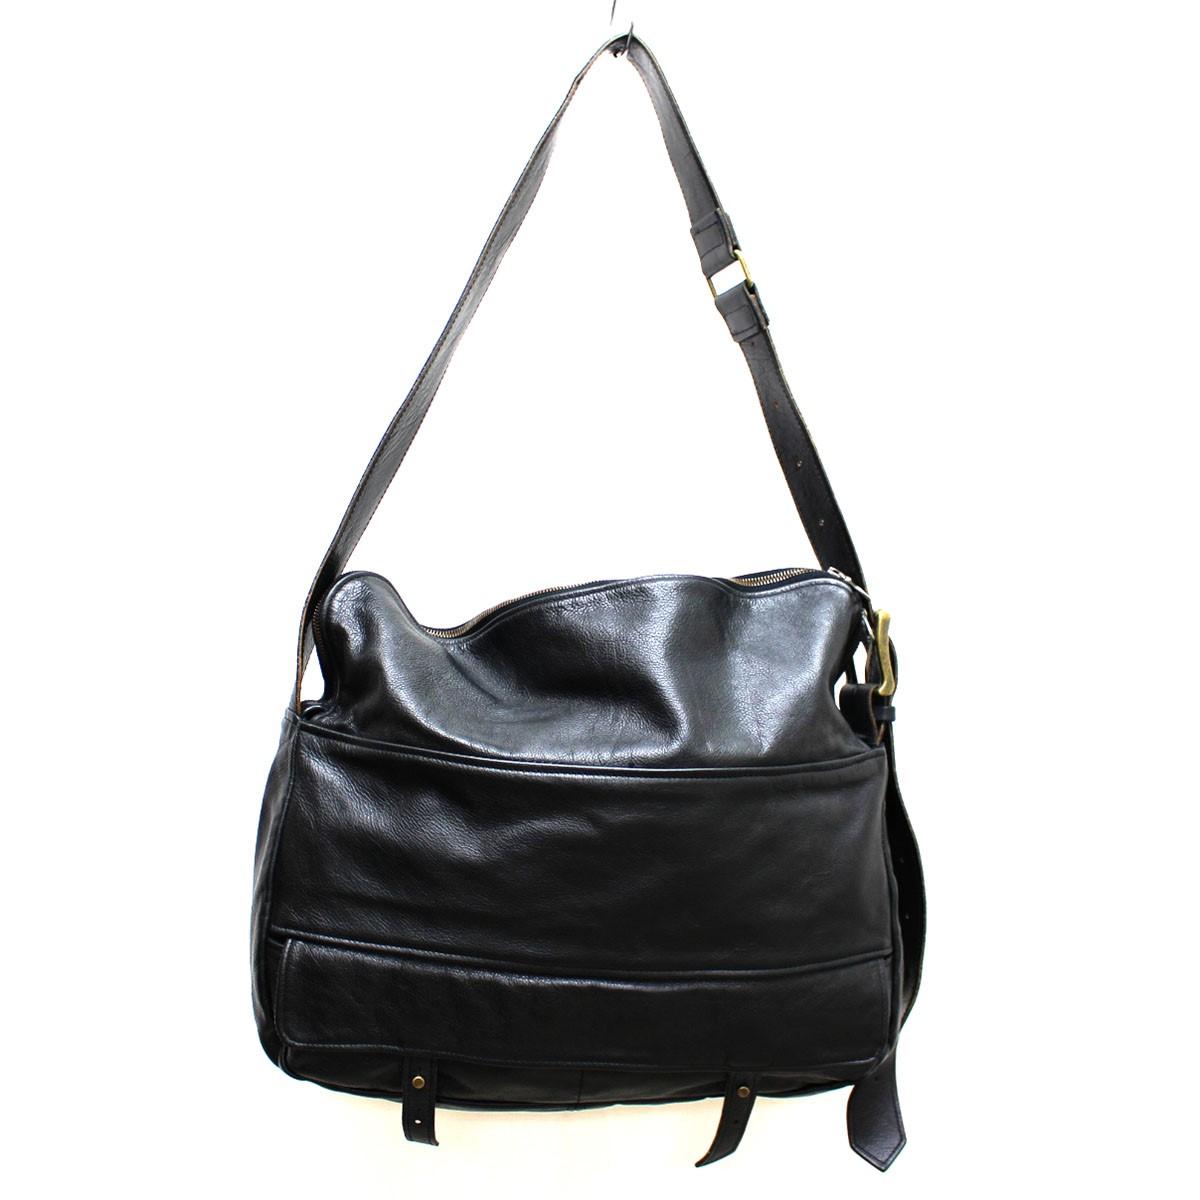 【中古】jas-m.b. レザー ショルダー バッグ かばん ブラック サイズ:- 【030419】(ジャスエムビー)